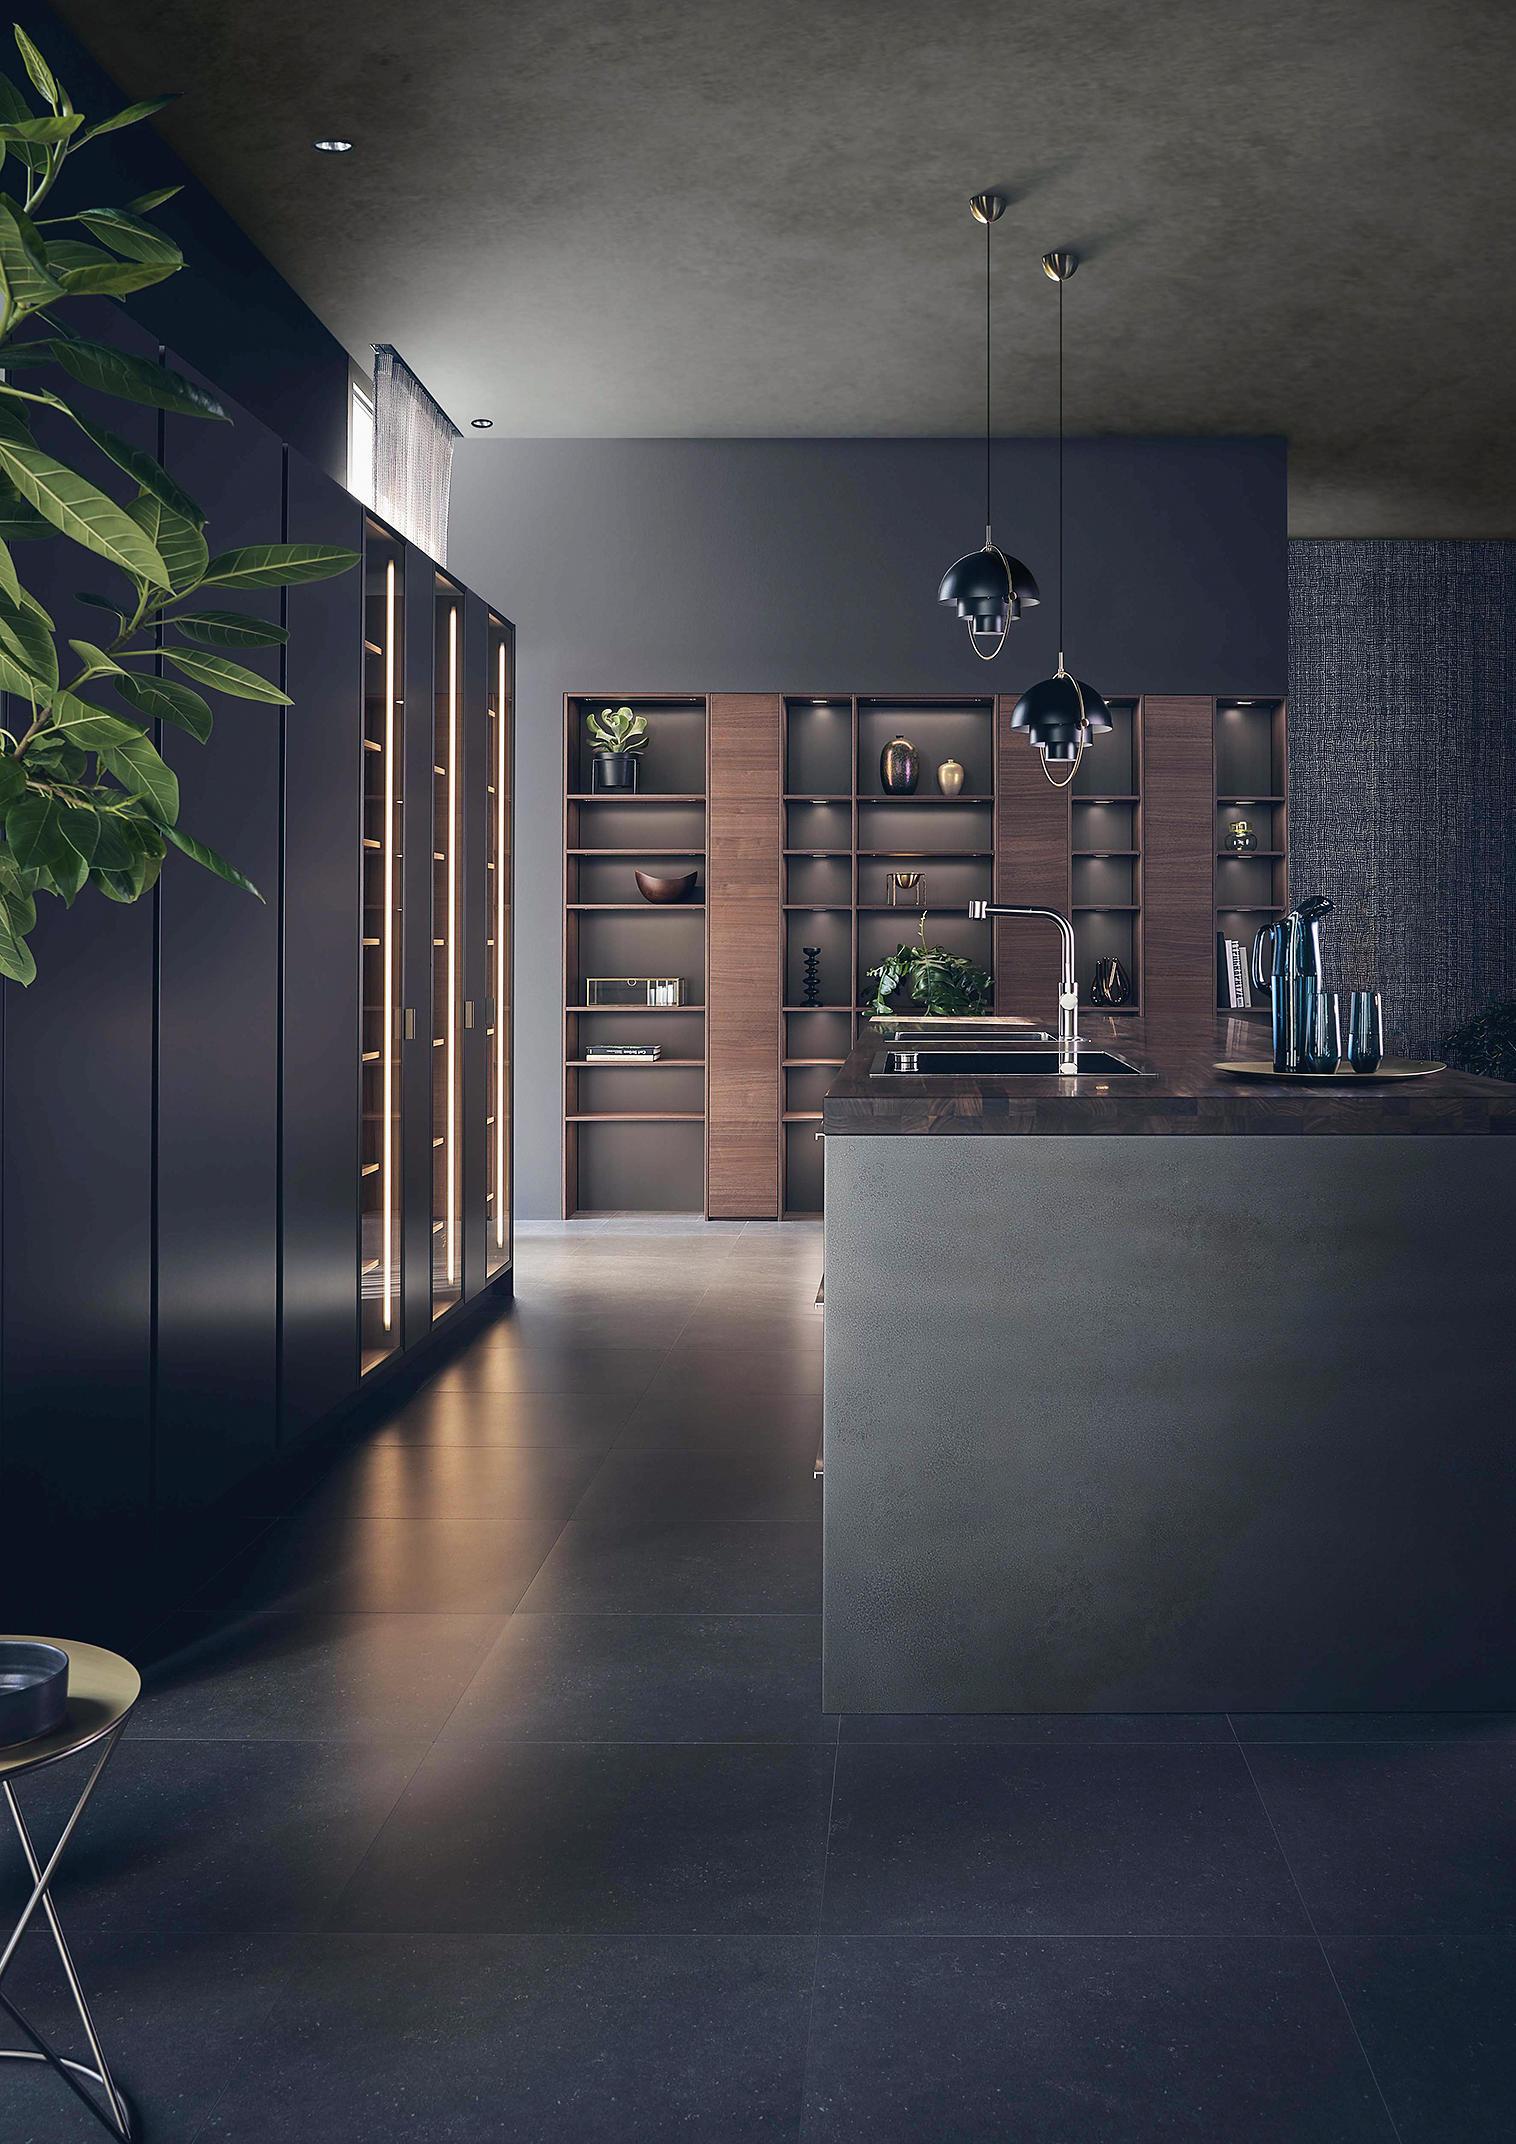 Leicht Kitchen: Kitchen Architecture: Leicht